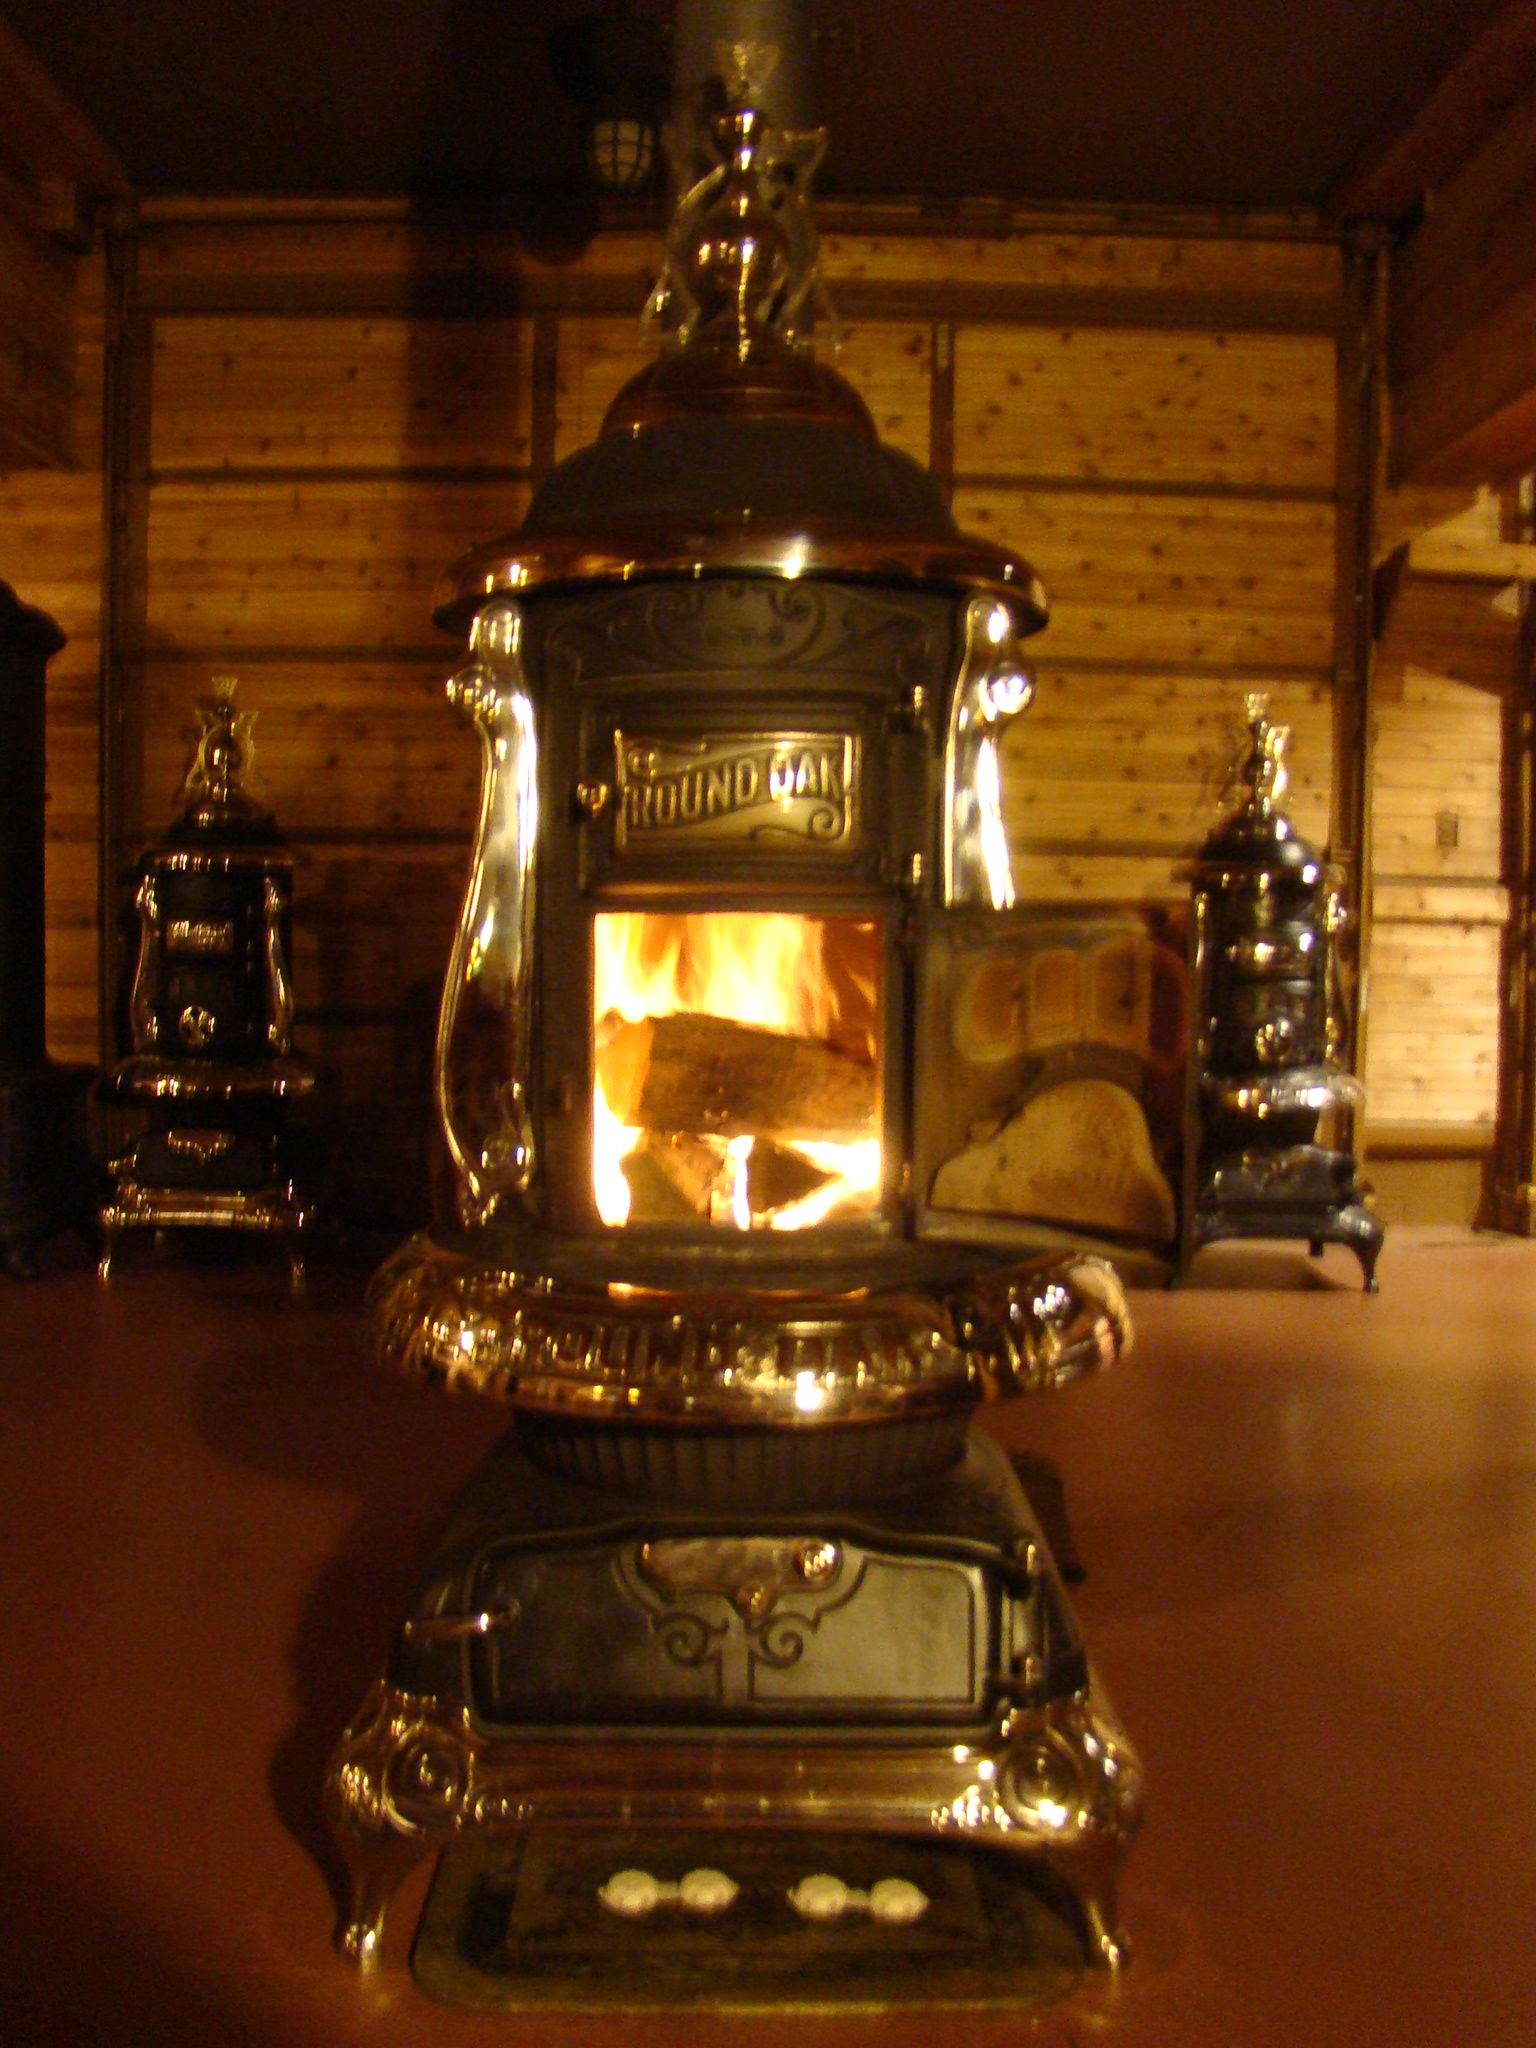 Round oak stove burning wood antique stoves pinterest - Antique wood burning stove ...